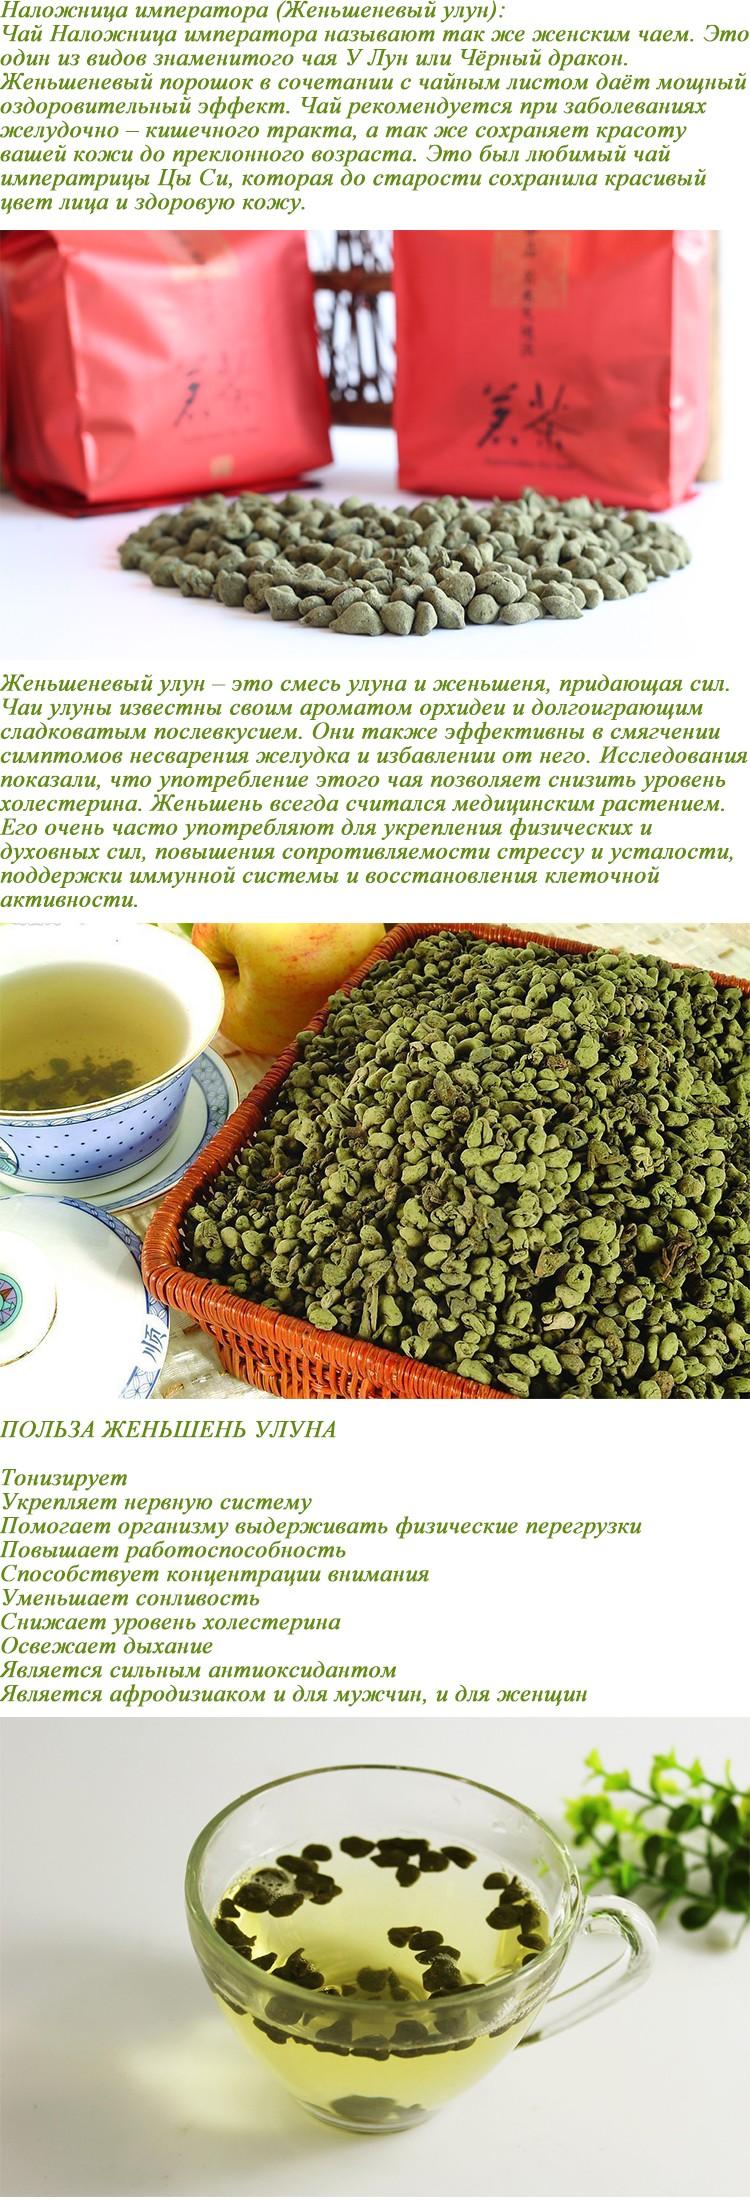 100 г высший сорт улун женьшеневый улун чай наложница императора из острова хайнань здравоохранения чай секретный подарок